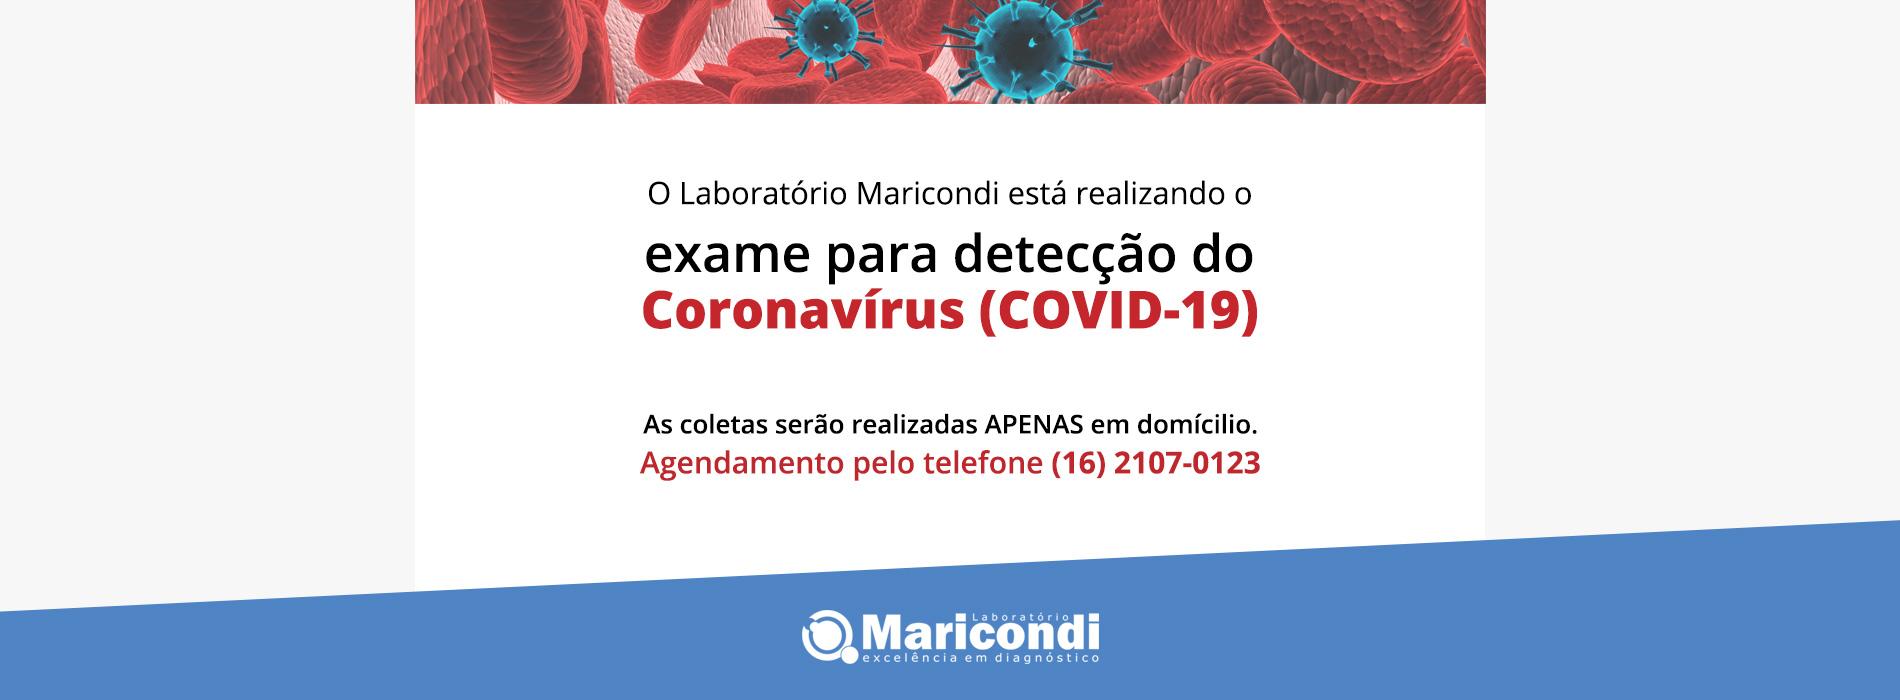 Coronavirus Exame São Carlos